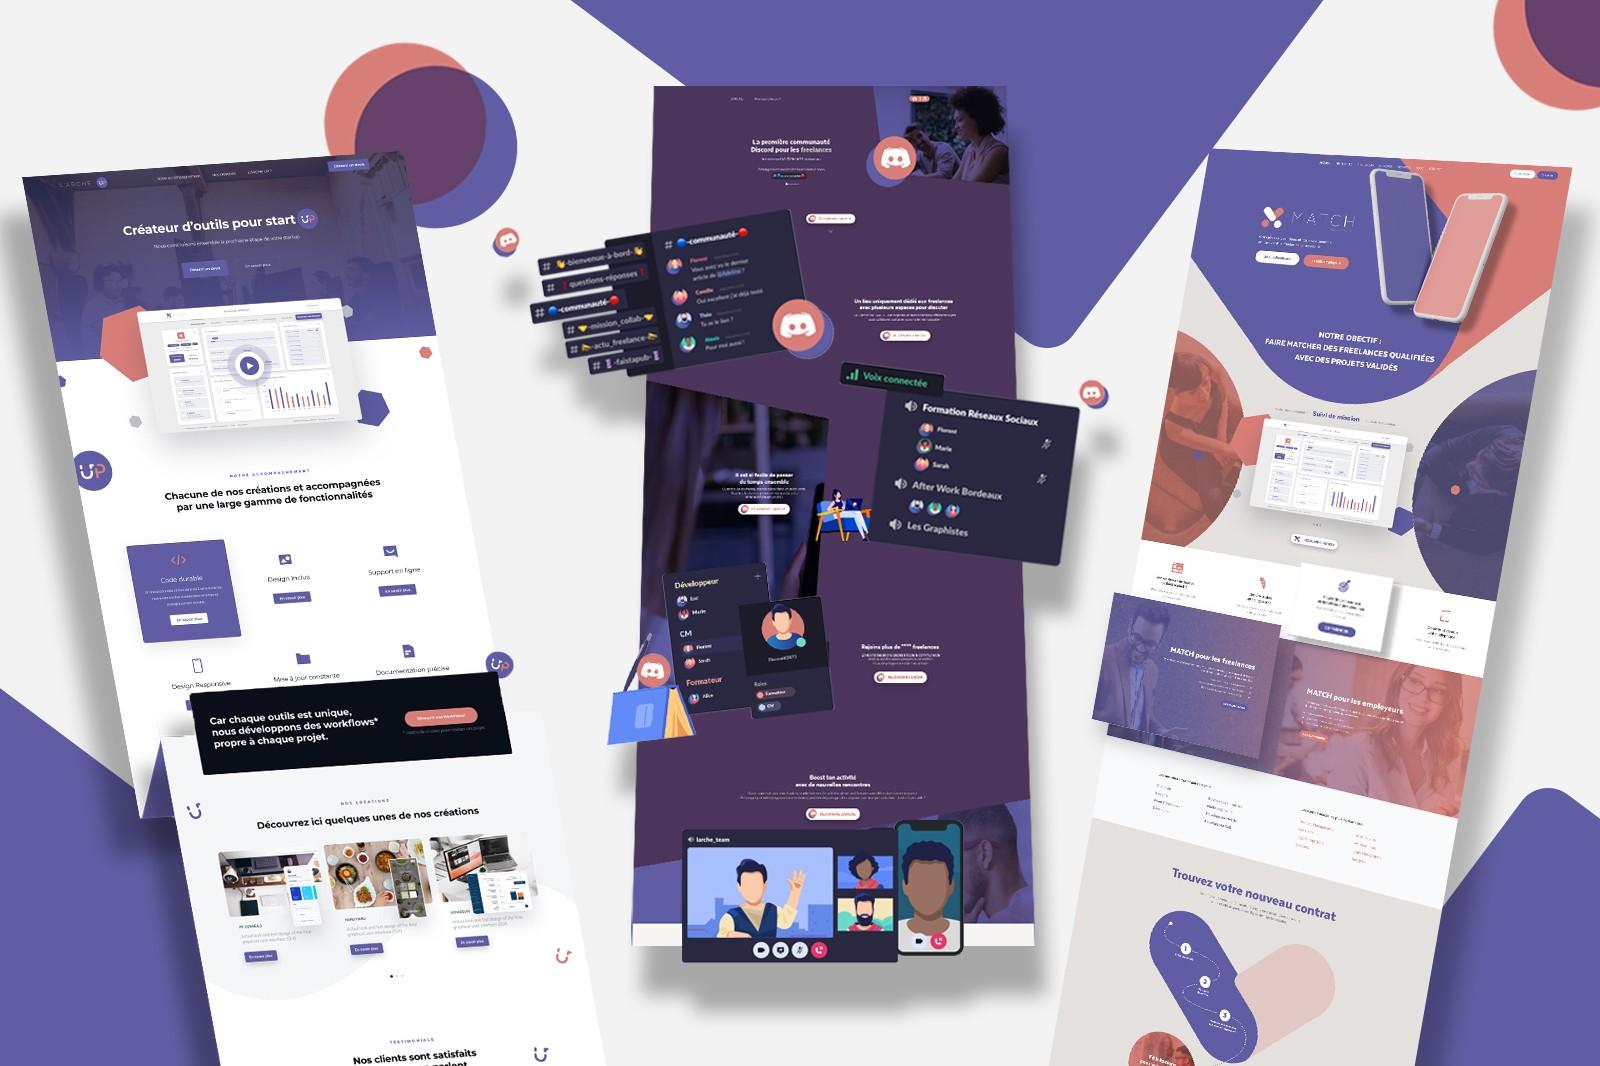 Représentation des blogs landing page tendances avec la couleur de l'Arche, notre communauté de freelance auto-entrepreneur.